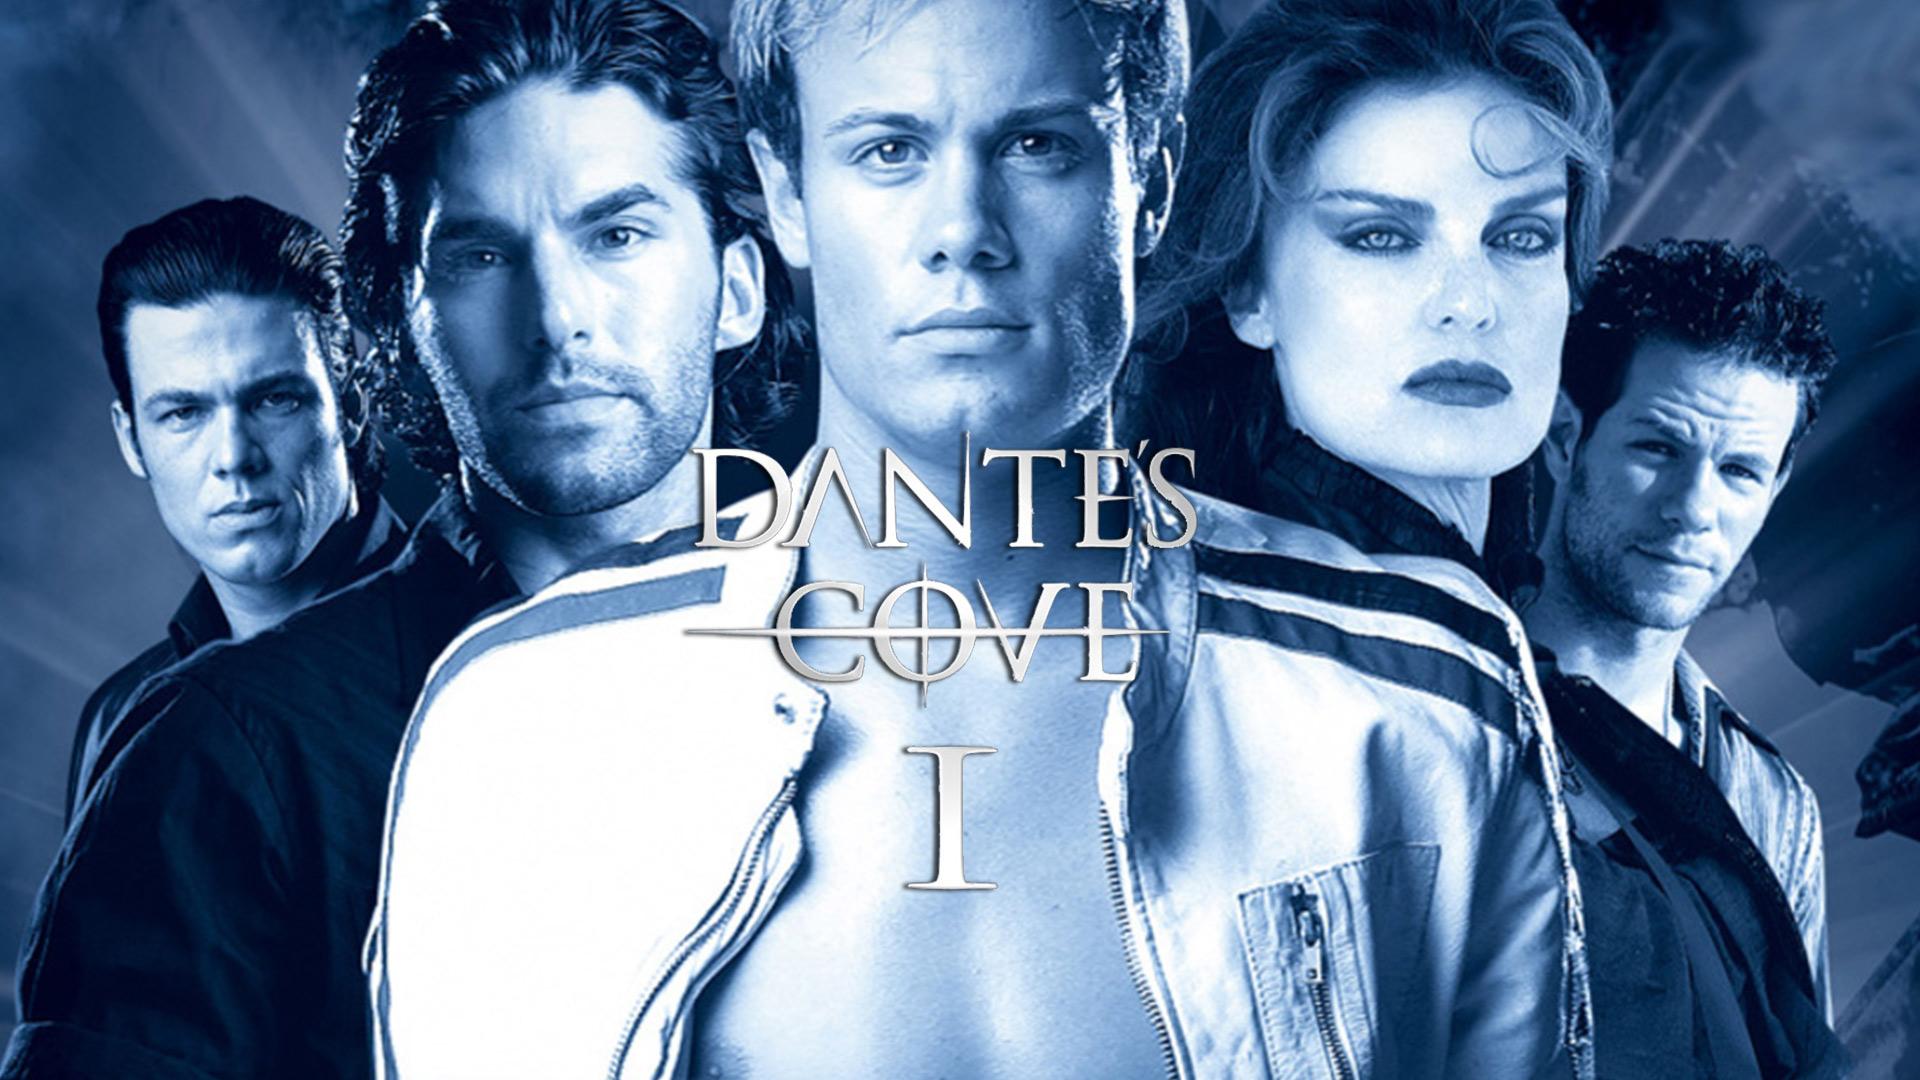 Dante's Cove Season 1